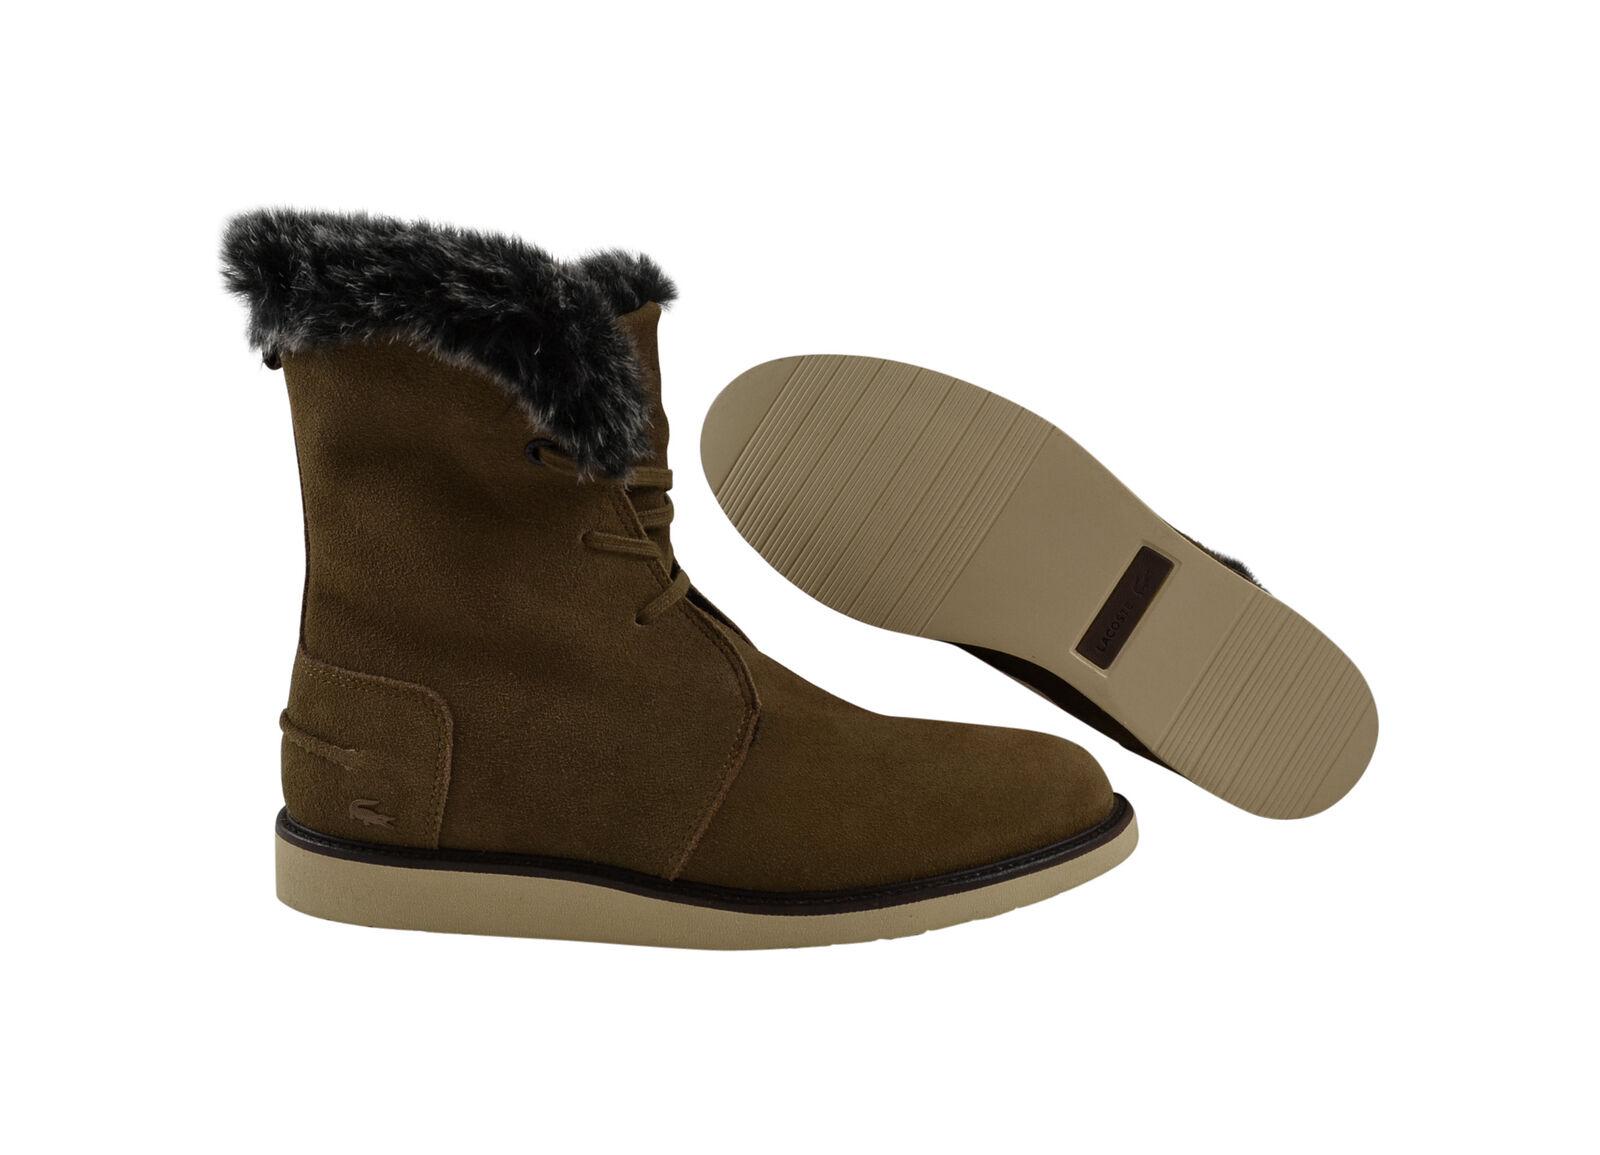 Lacoste Baylen 2 srw Bottes d'hiver tan Bottes Chaussures Fourrure Doubleure Marron